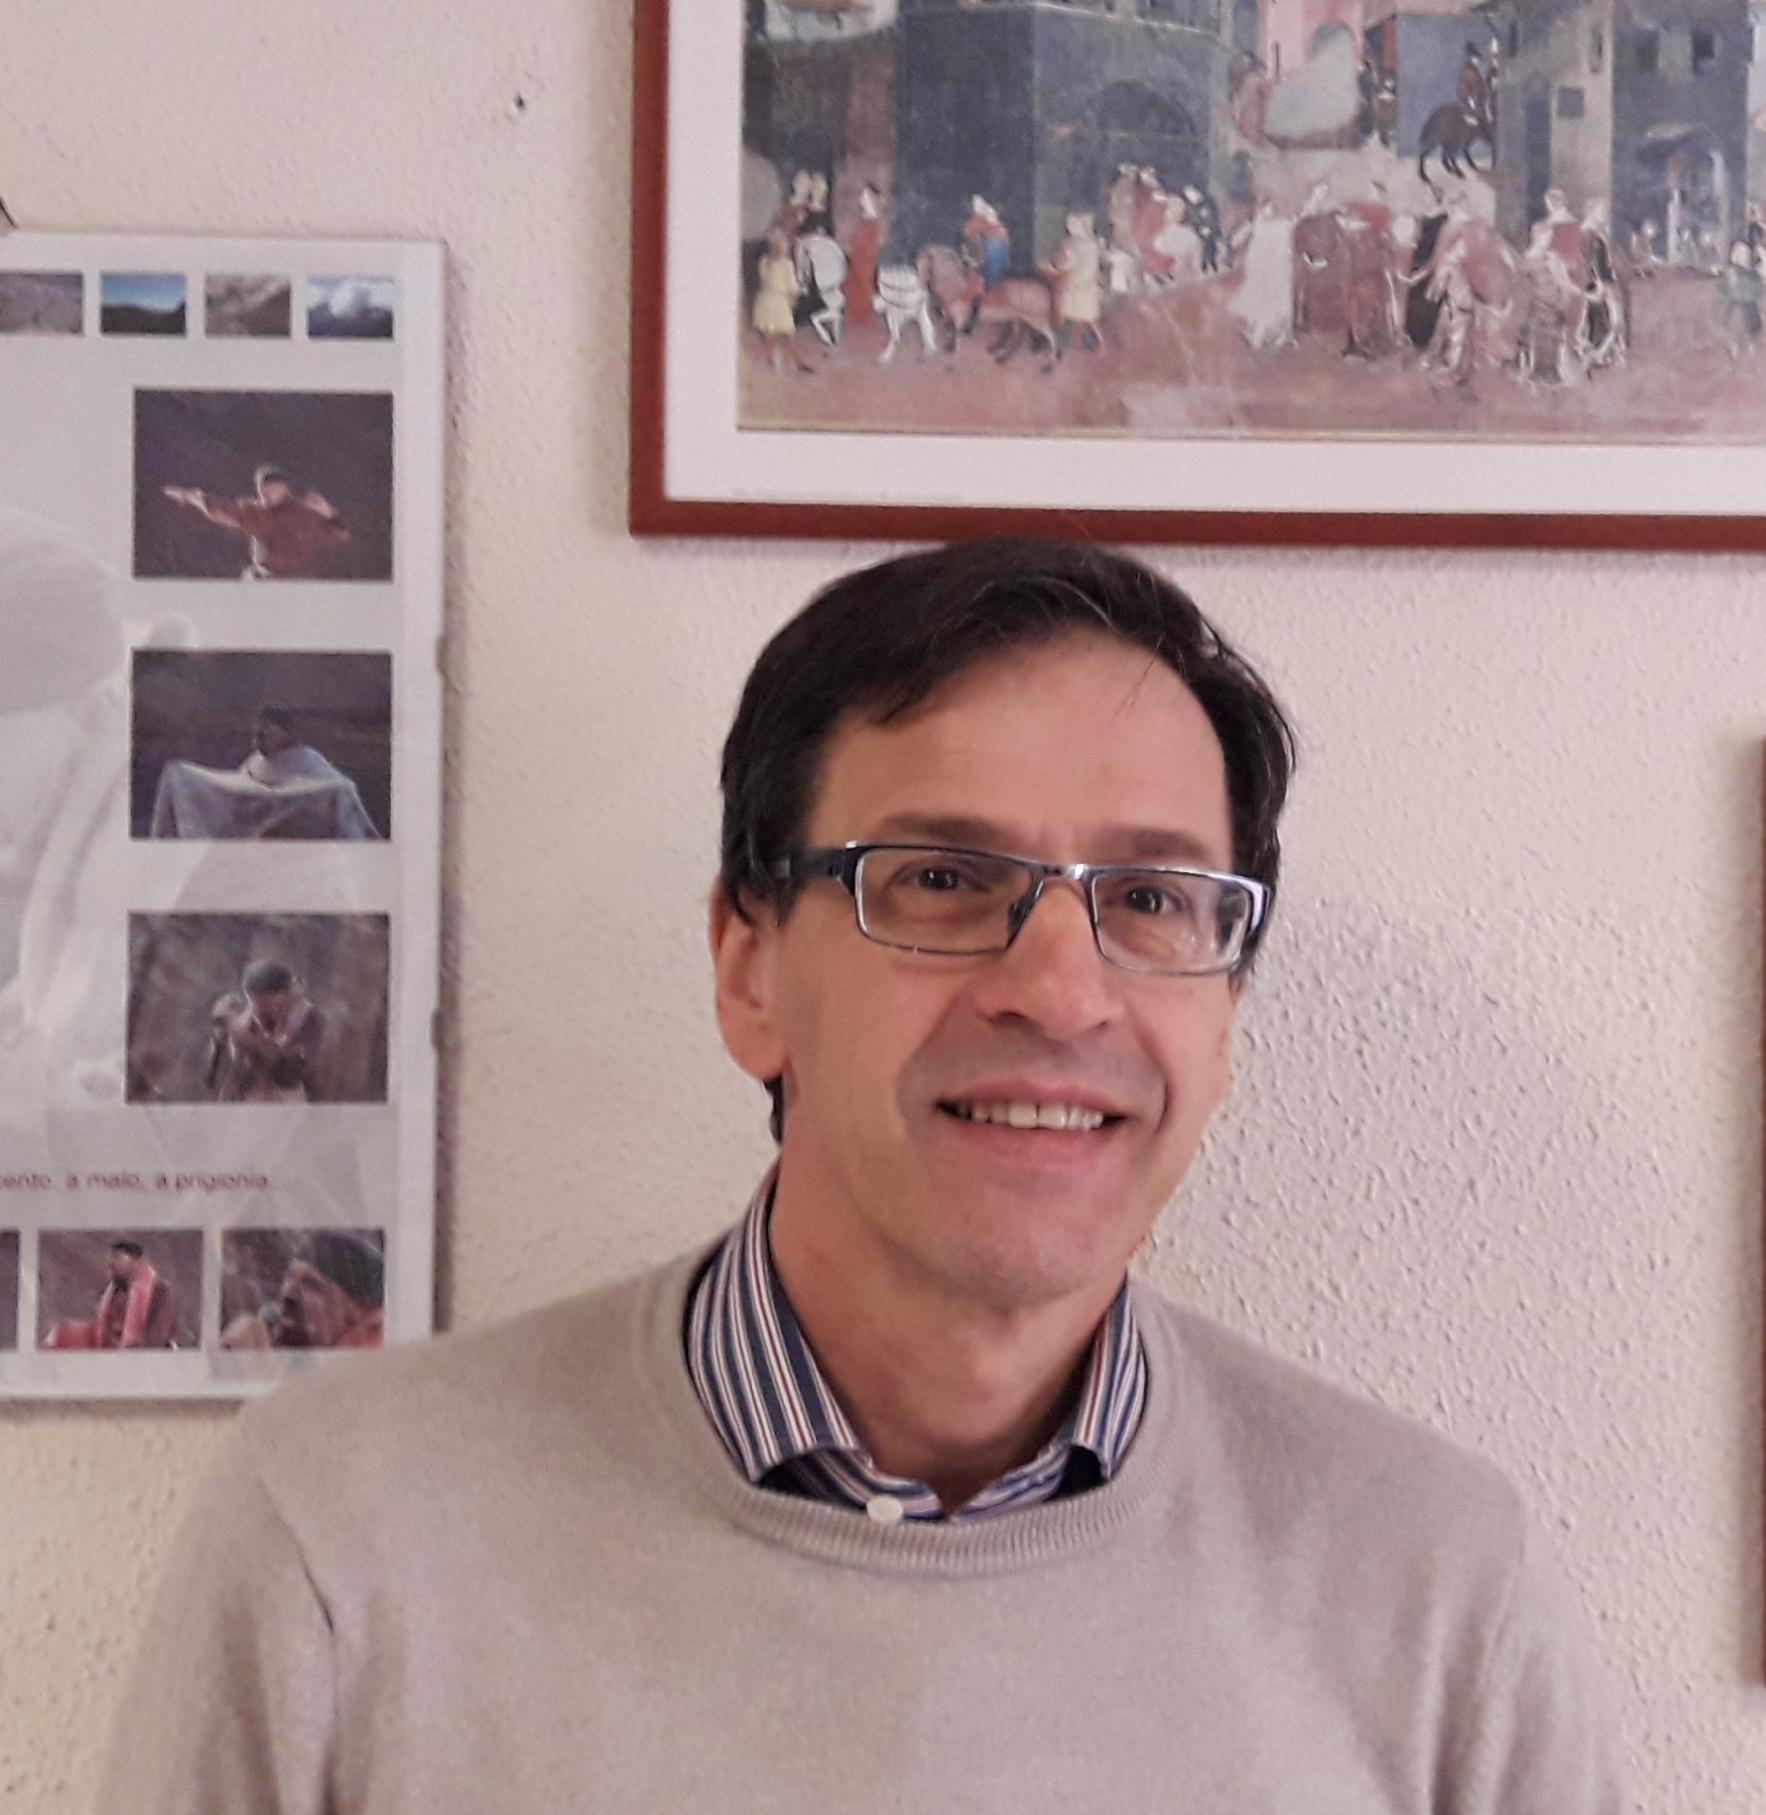 Cotti Piccinelli